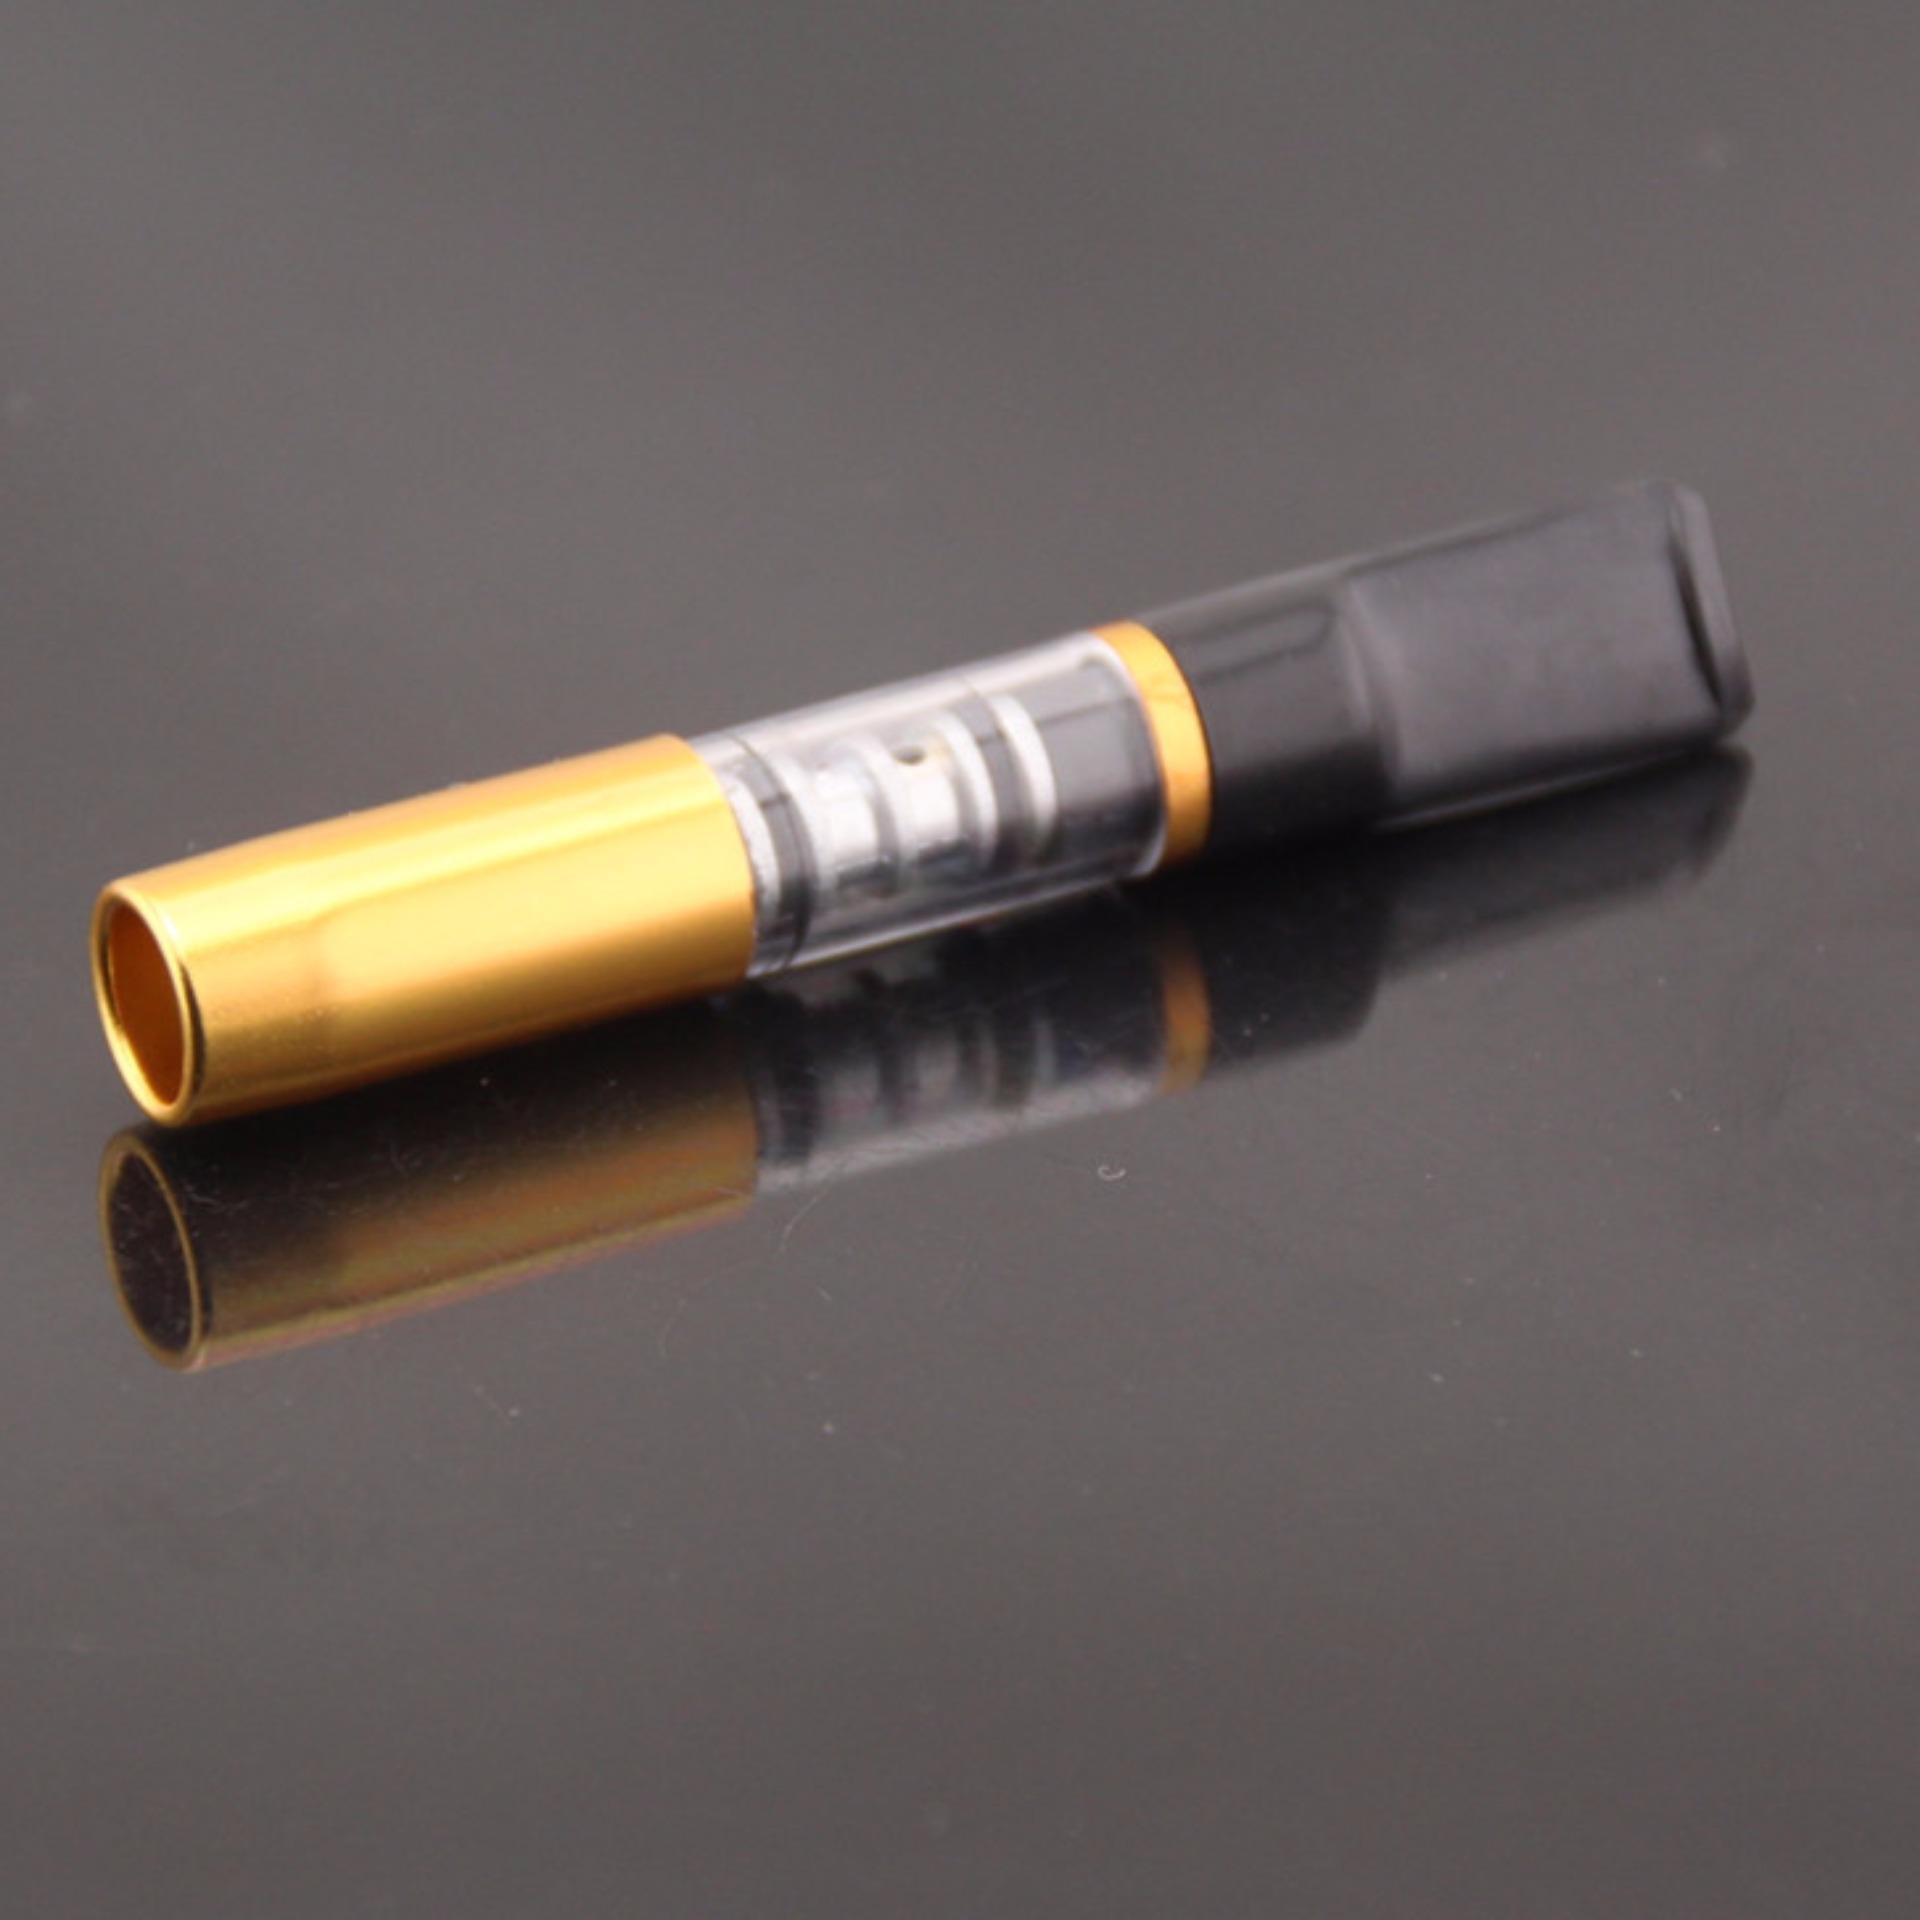 Bộ 5 đầu lọc thuốc lá Gapuky